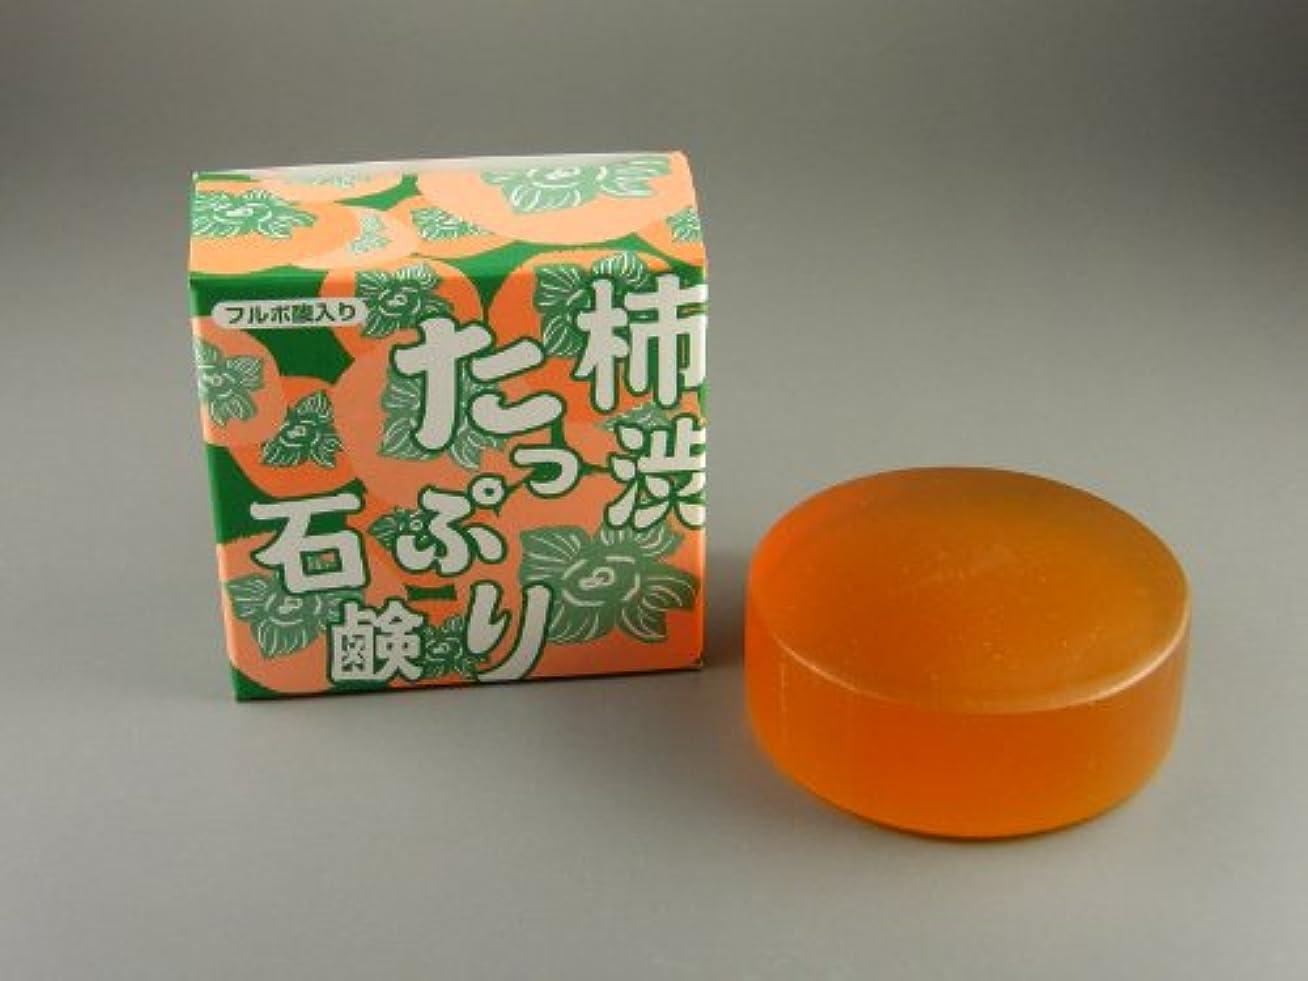 意味問題セットアップ柿渋たっぷり石鹸 100g(フルボ酸入り)